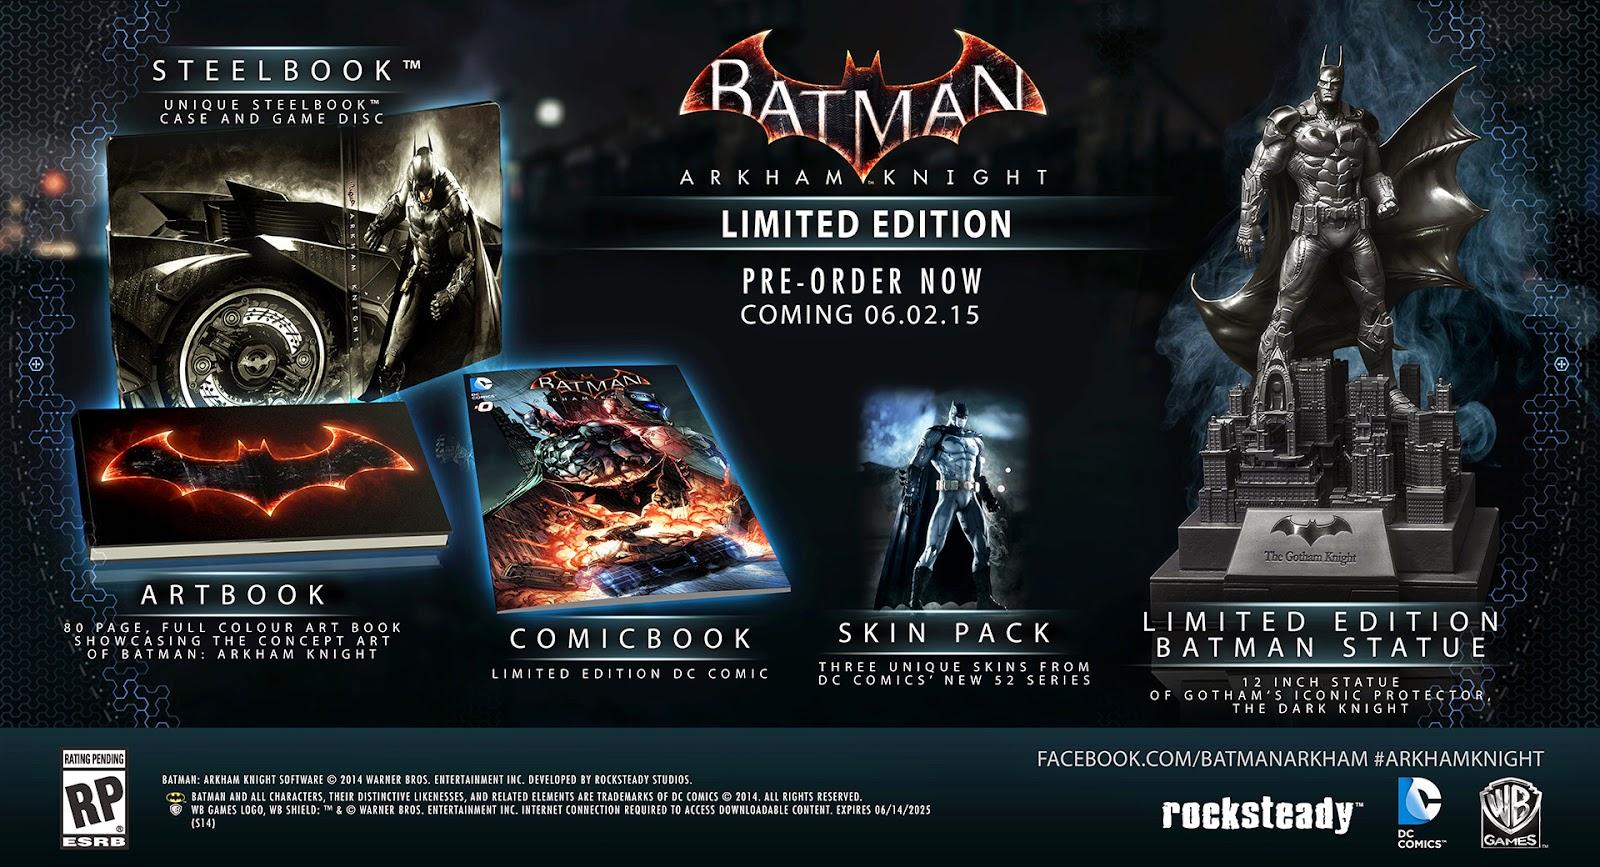 Релиз игры Batman: Arkham Knight состоится 2 июня 2015 года